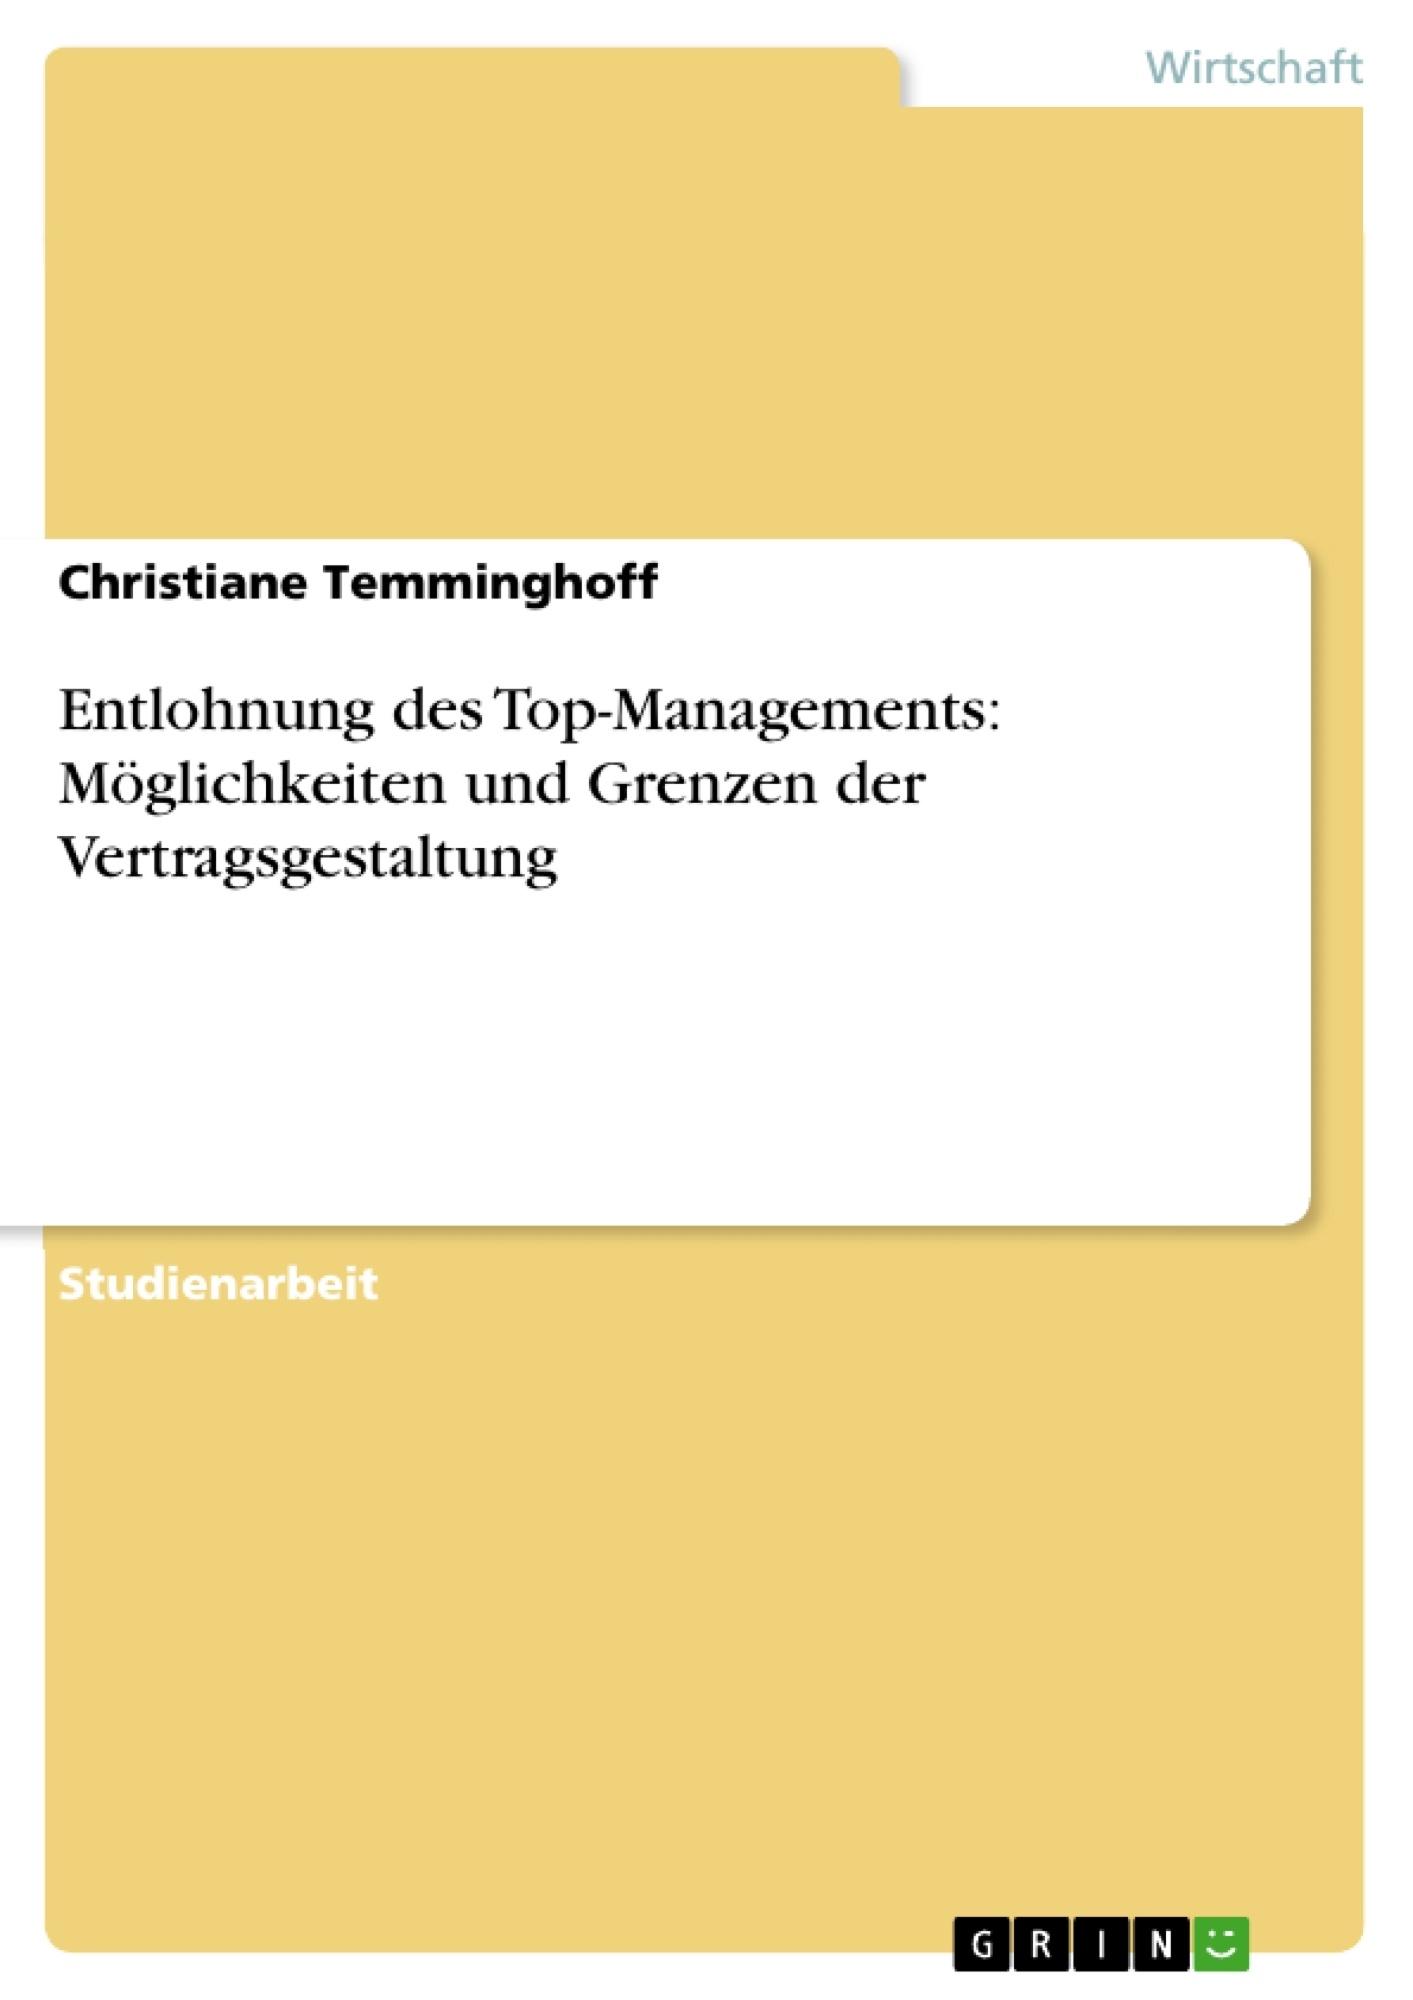 Titel: Entlohnung des Top-Managements: Möglichkeiten und Grenzen der Vertragsgestaltung